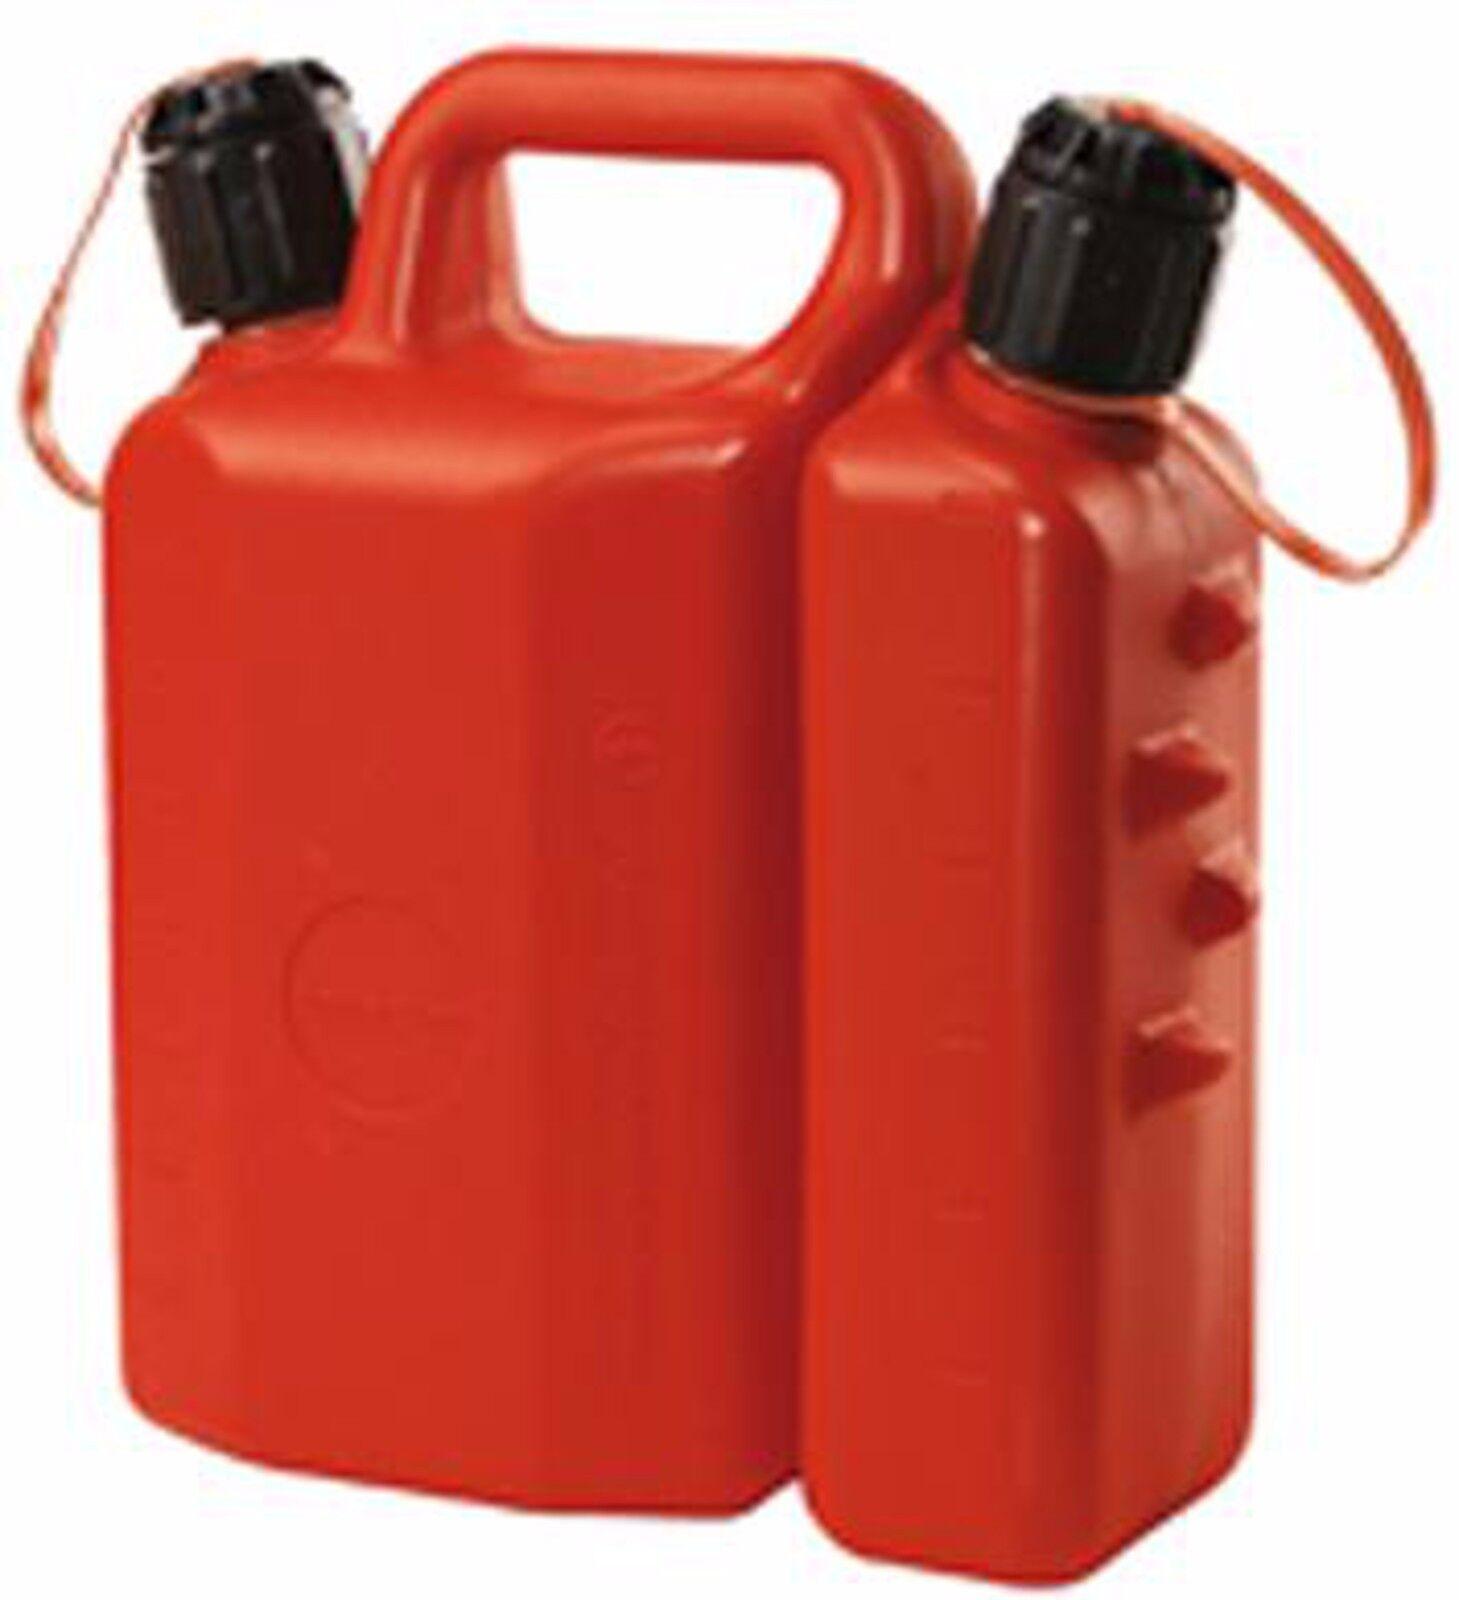 Tanica per carburante omologata benzina gasolio misclela 5 10 20 lt 3,5+15 lt